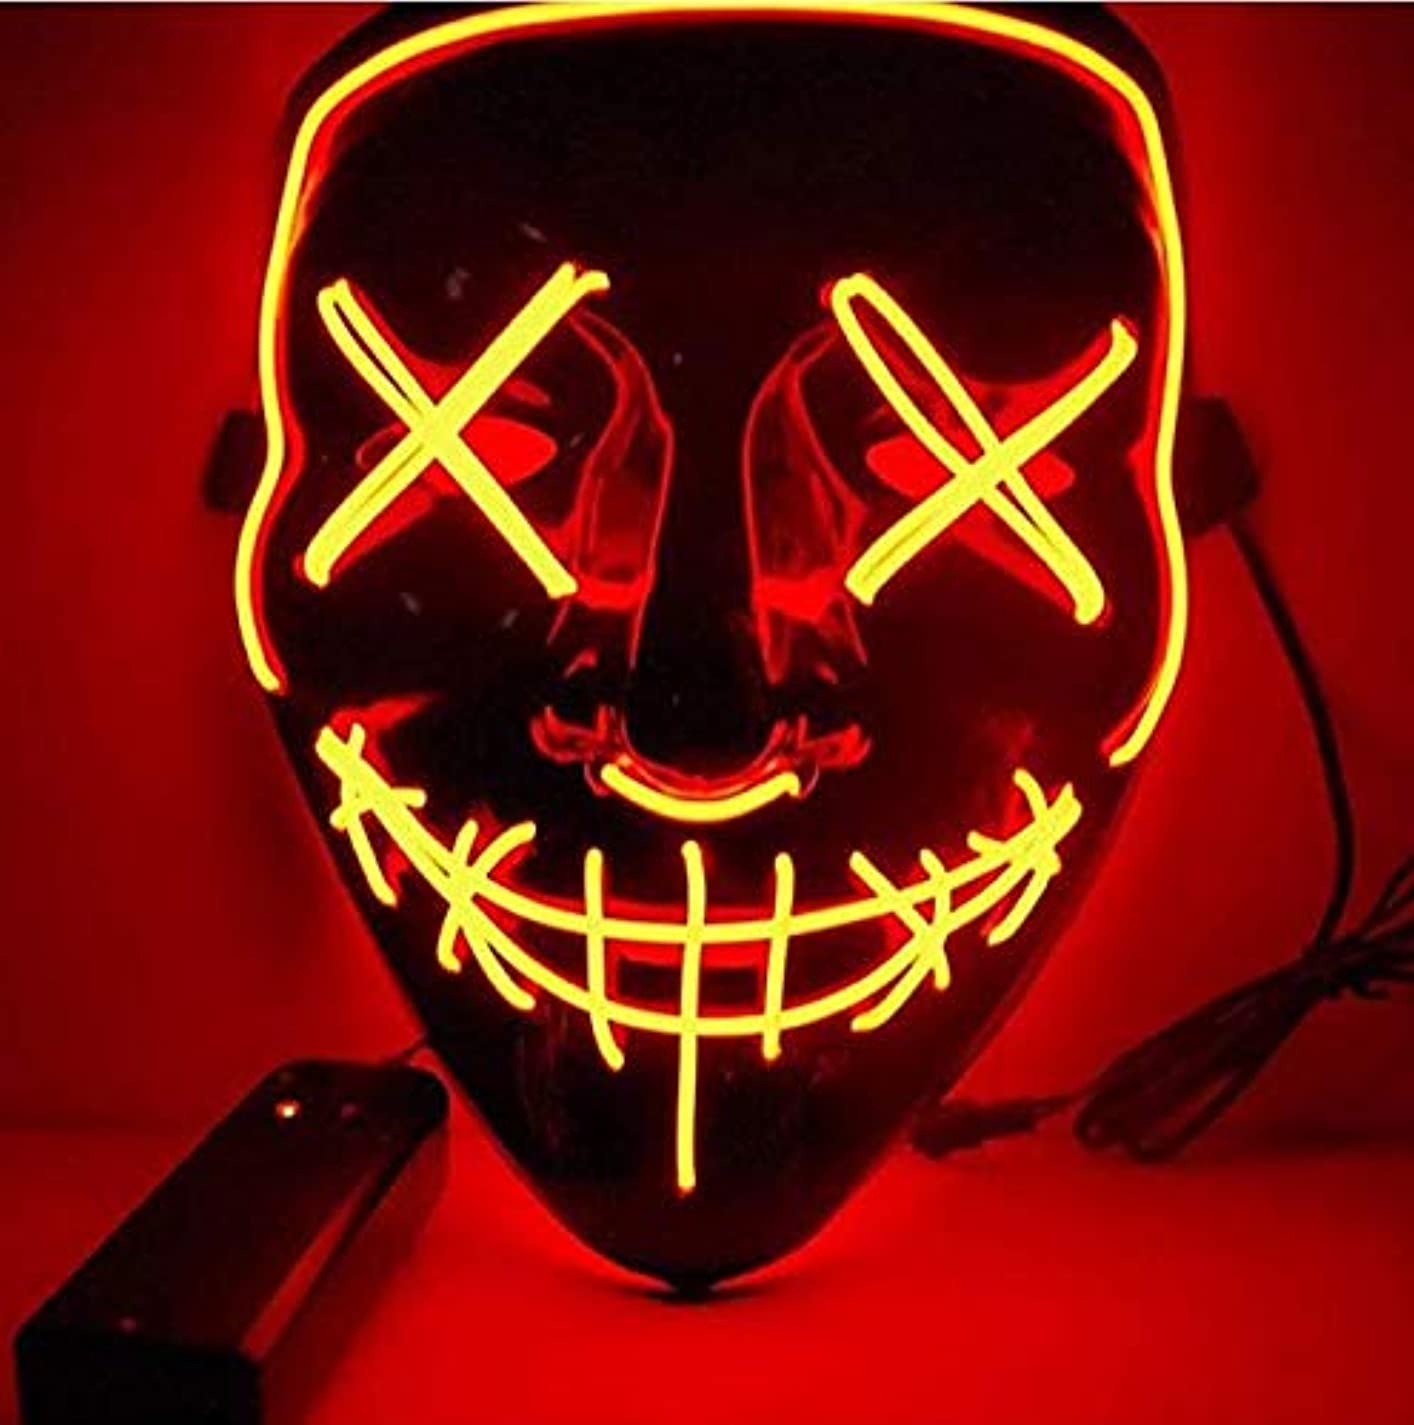 蒸留するハリウッド腹ハロウィンマスクLEDライトアップパーティーマスクコスプレコスチュームサプライ暗闇で光る (Color : ROSE RED)